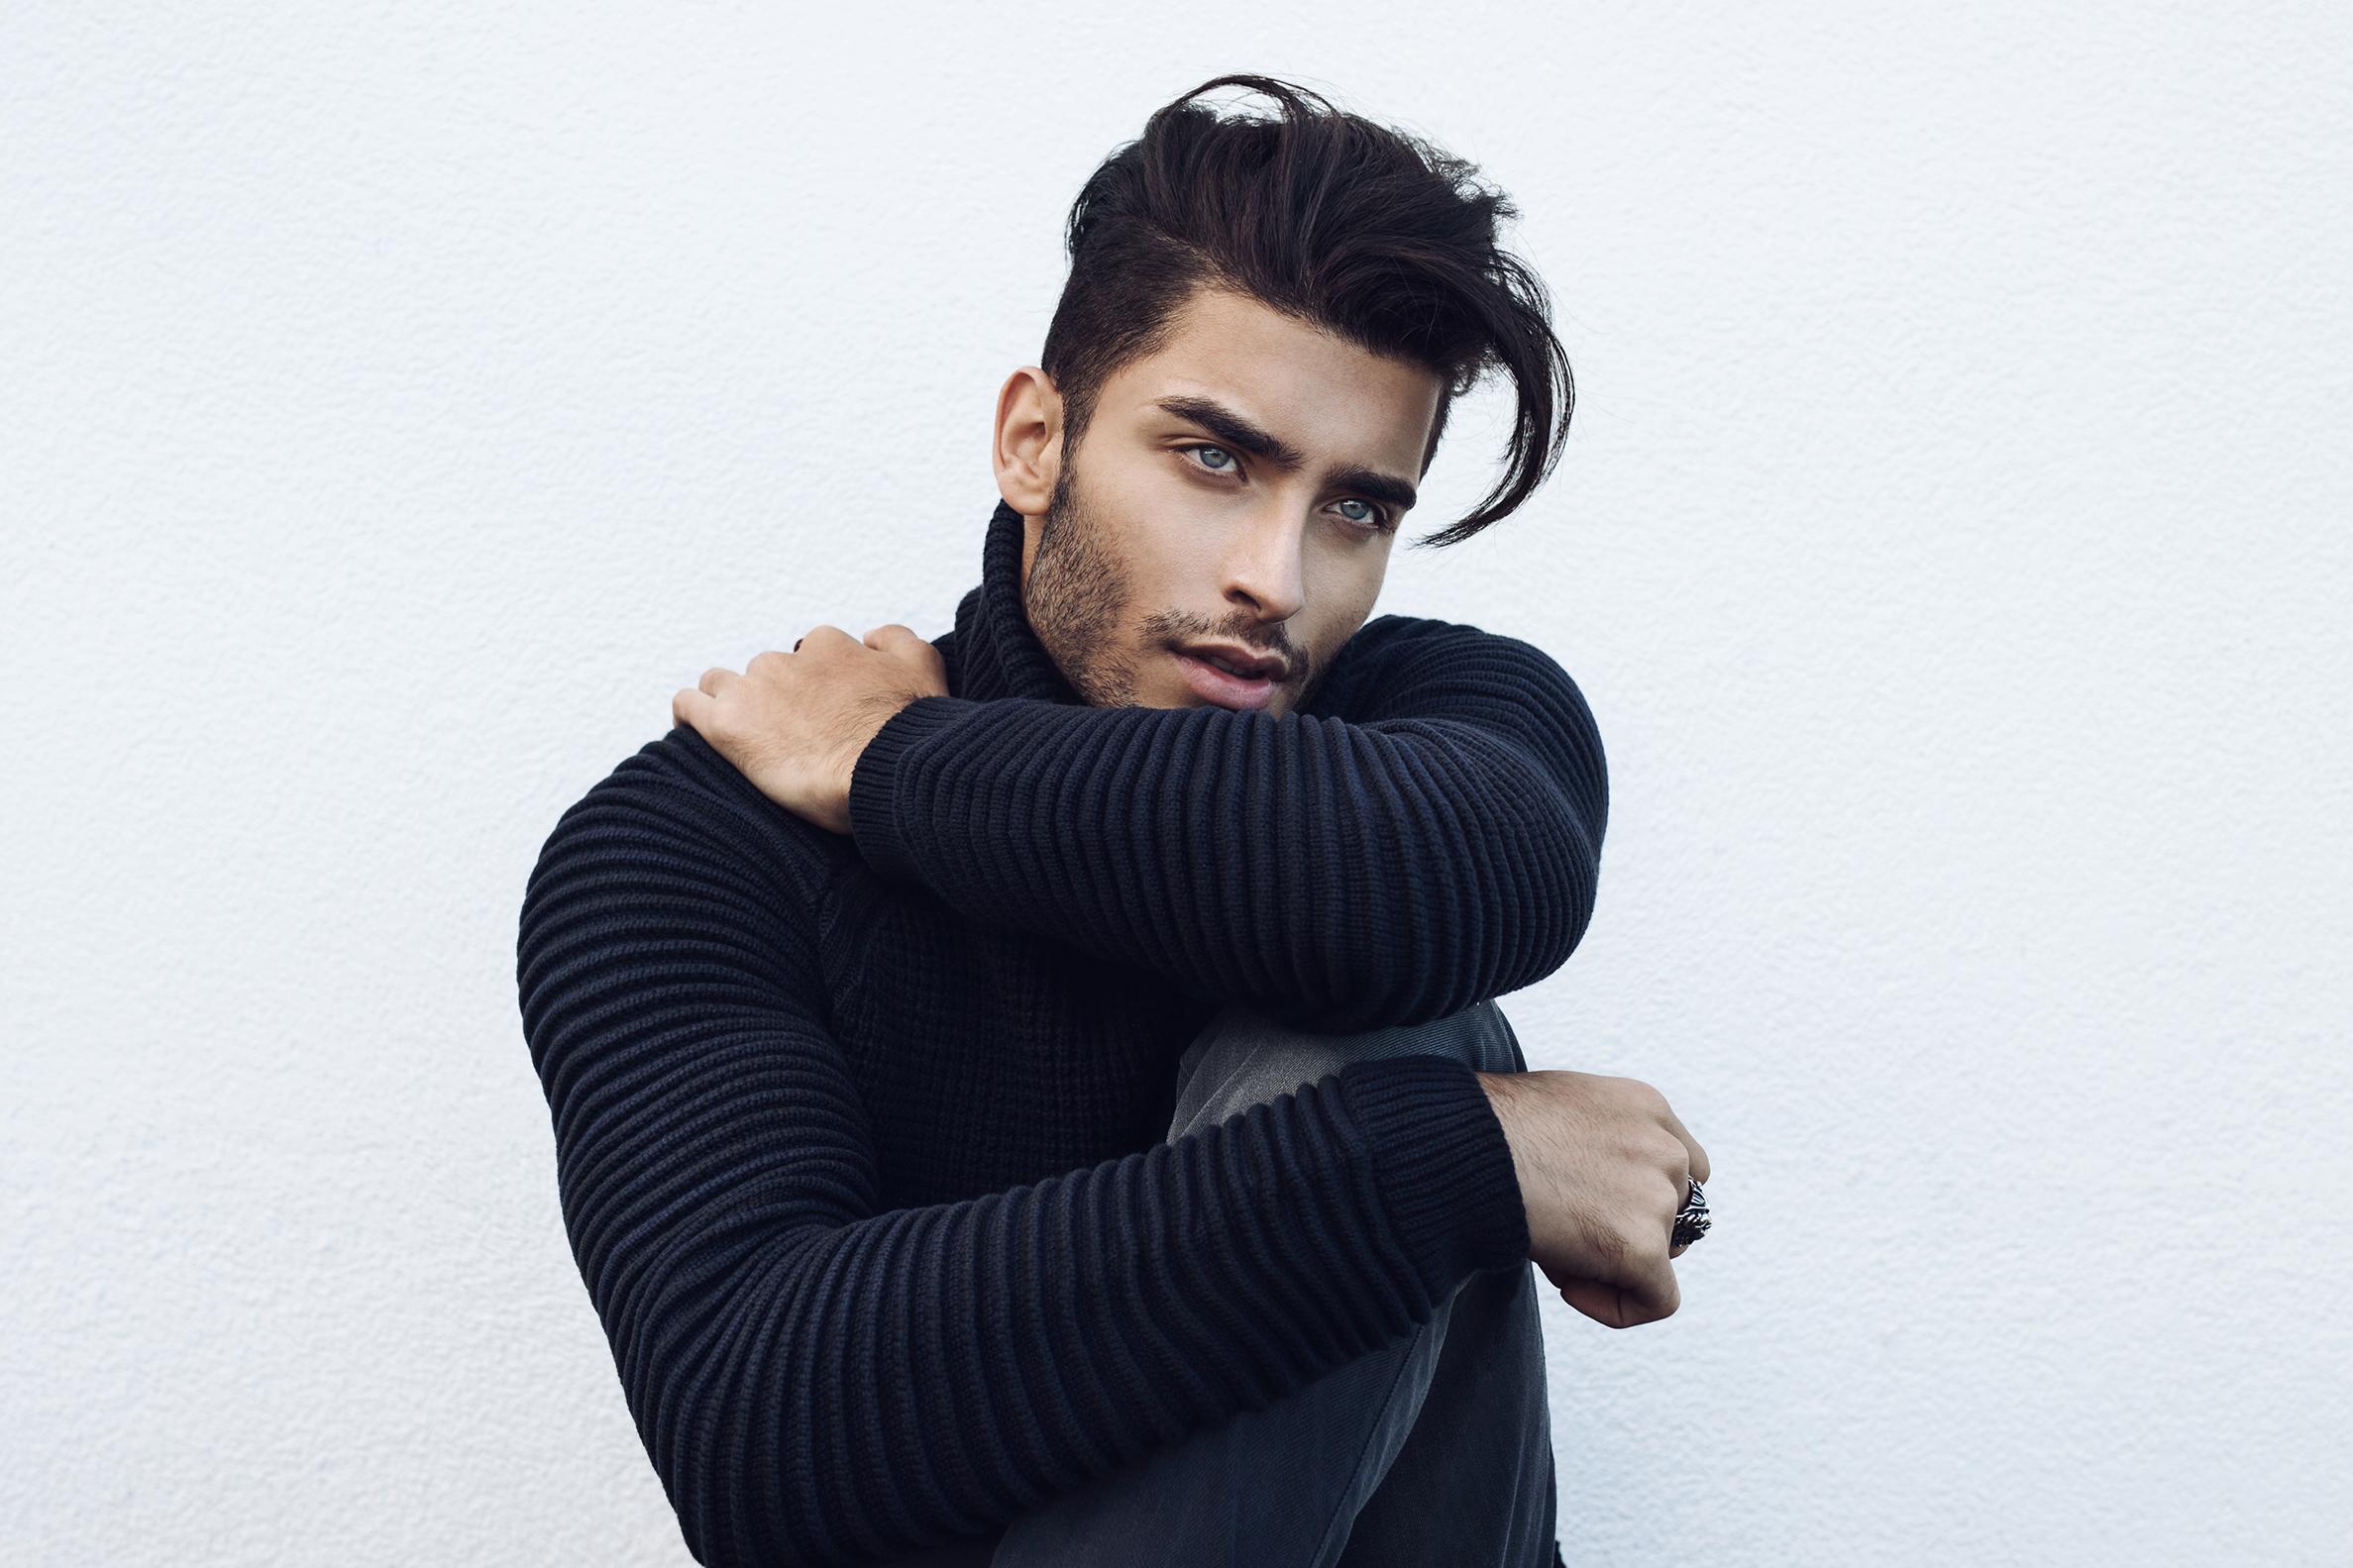 Този секси, секси мъж: празниците идват, Тони! - секс - GoGuide.bg